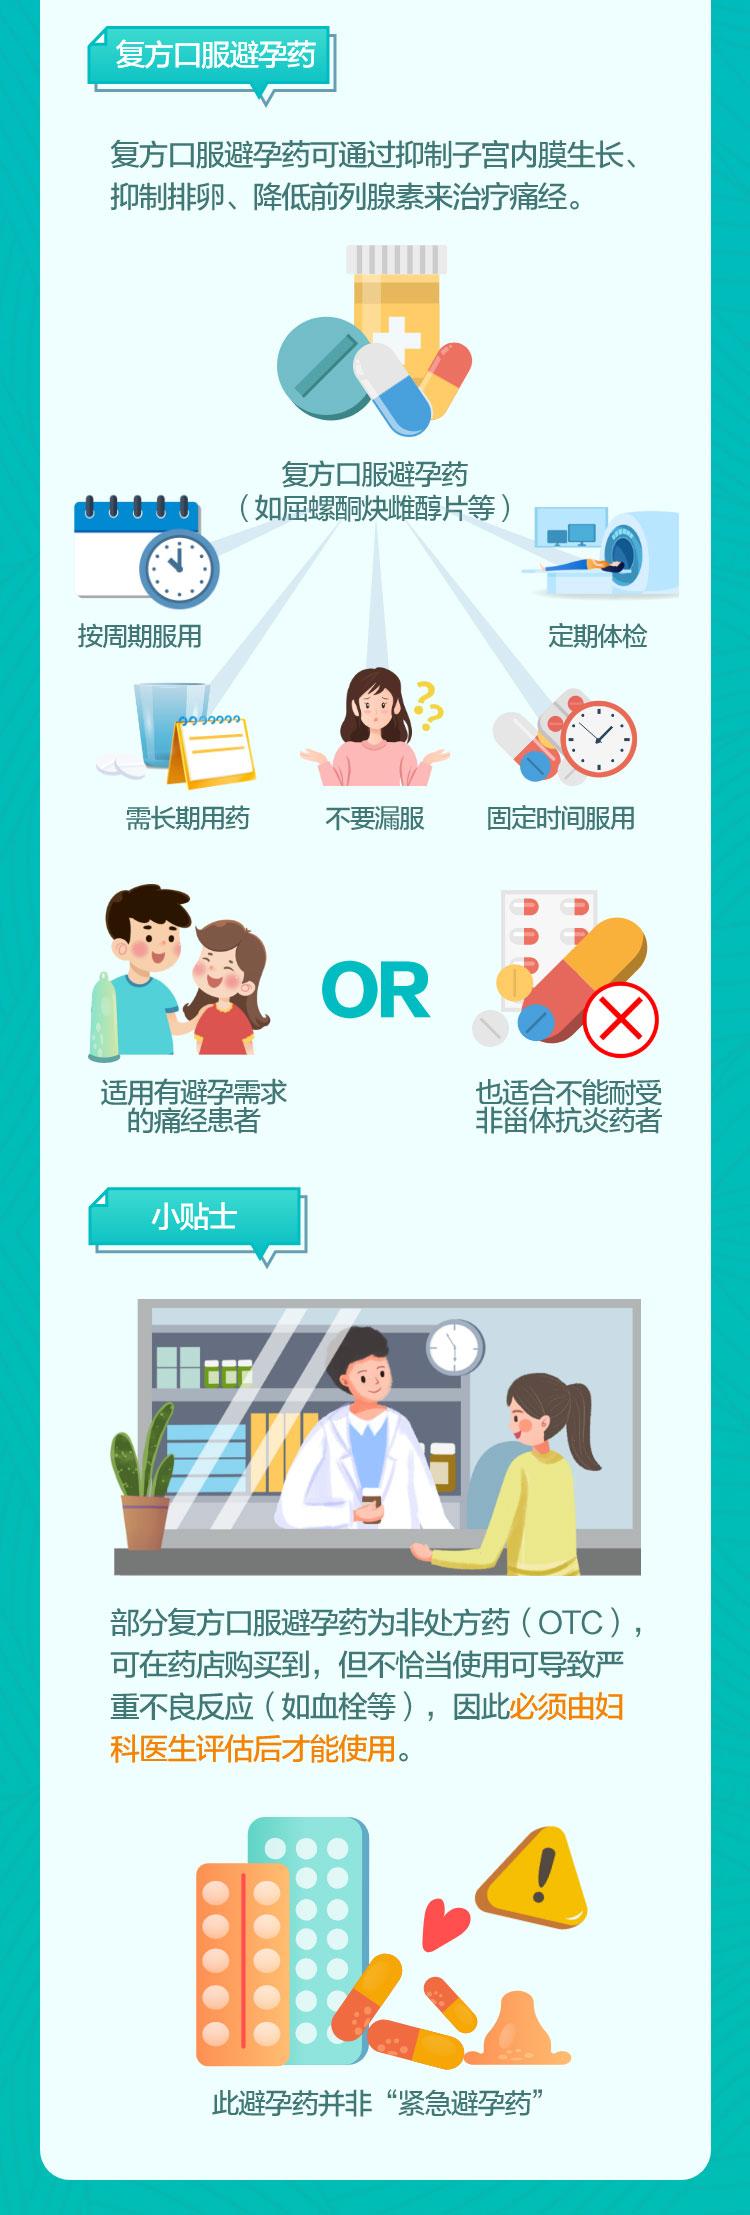 女性常见疾病用药长图_02.jpg